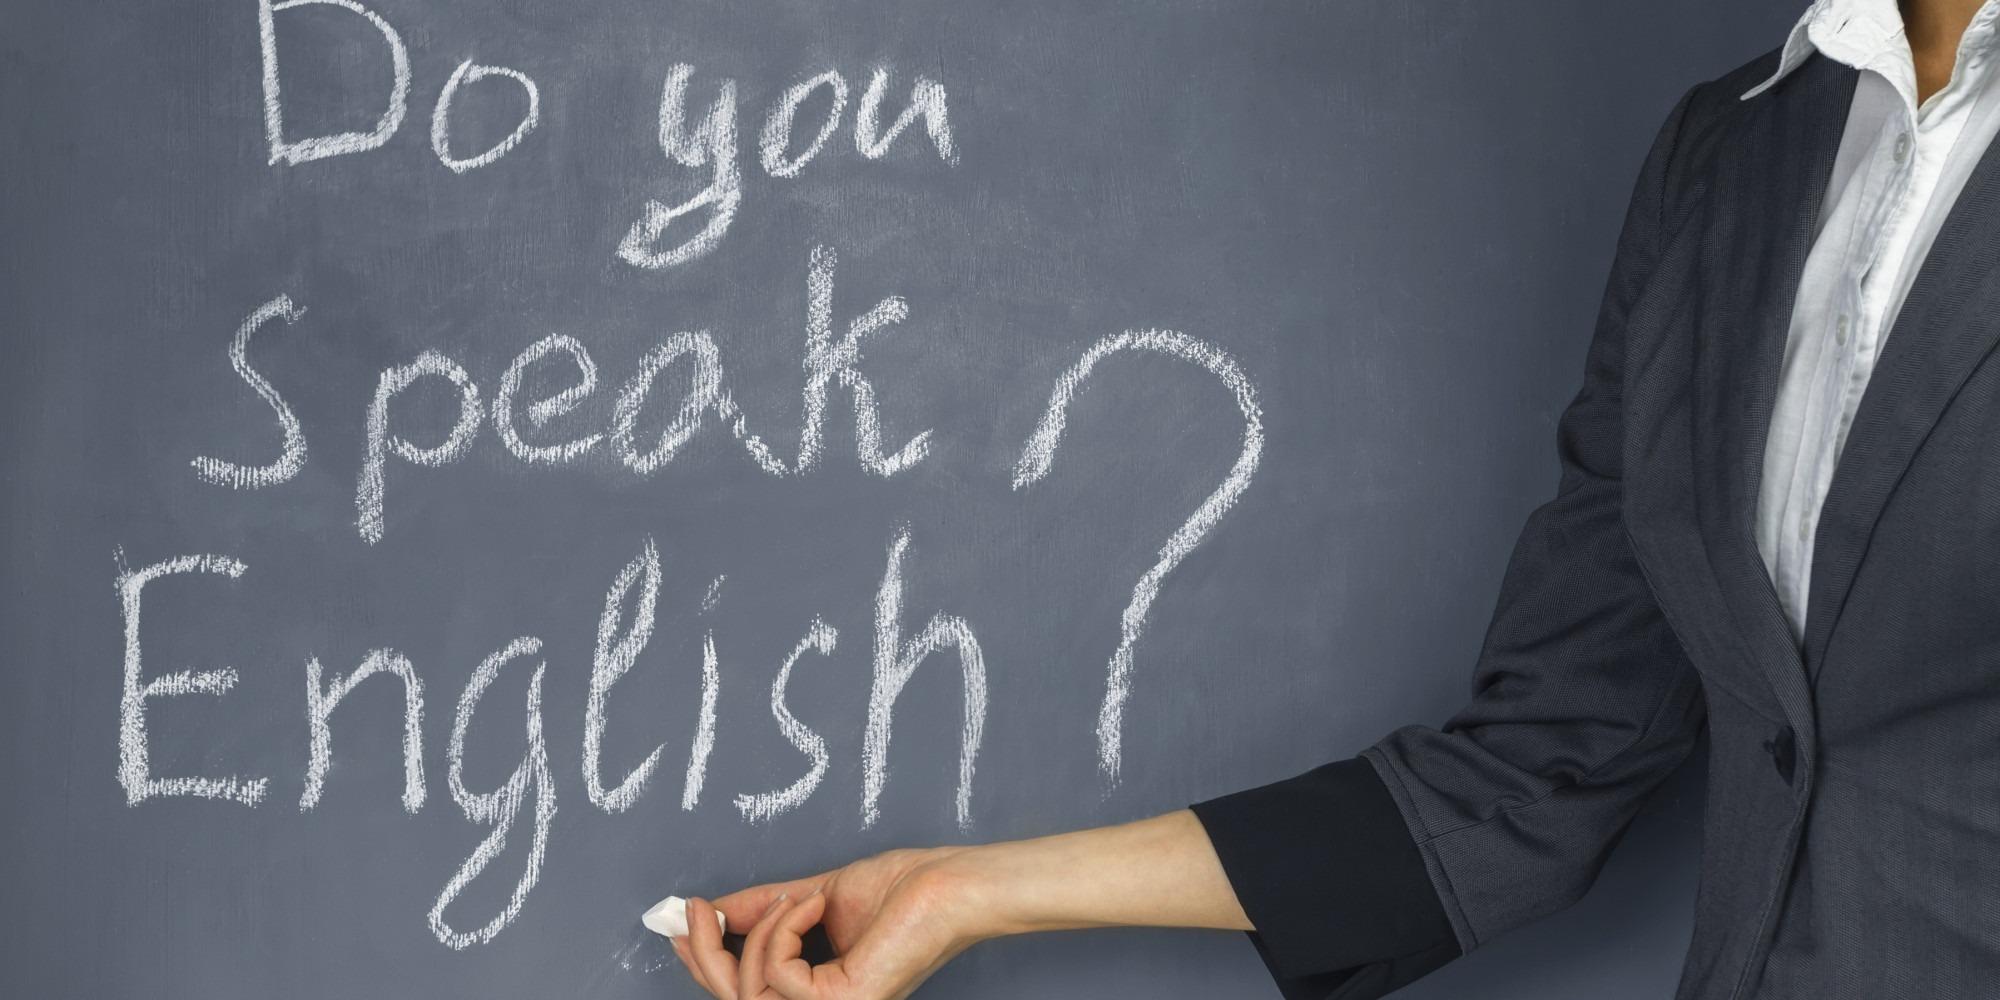 Sejourslinguistique.info, réussir son séjour linguistique